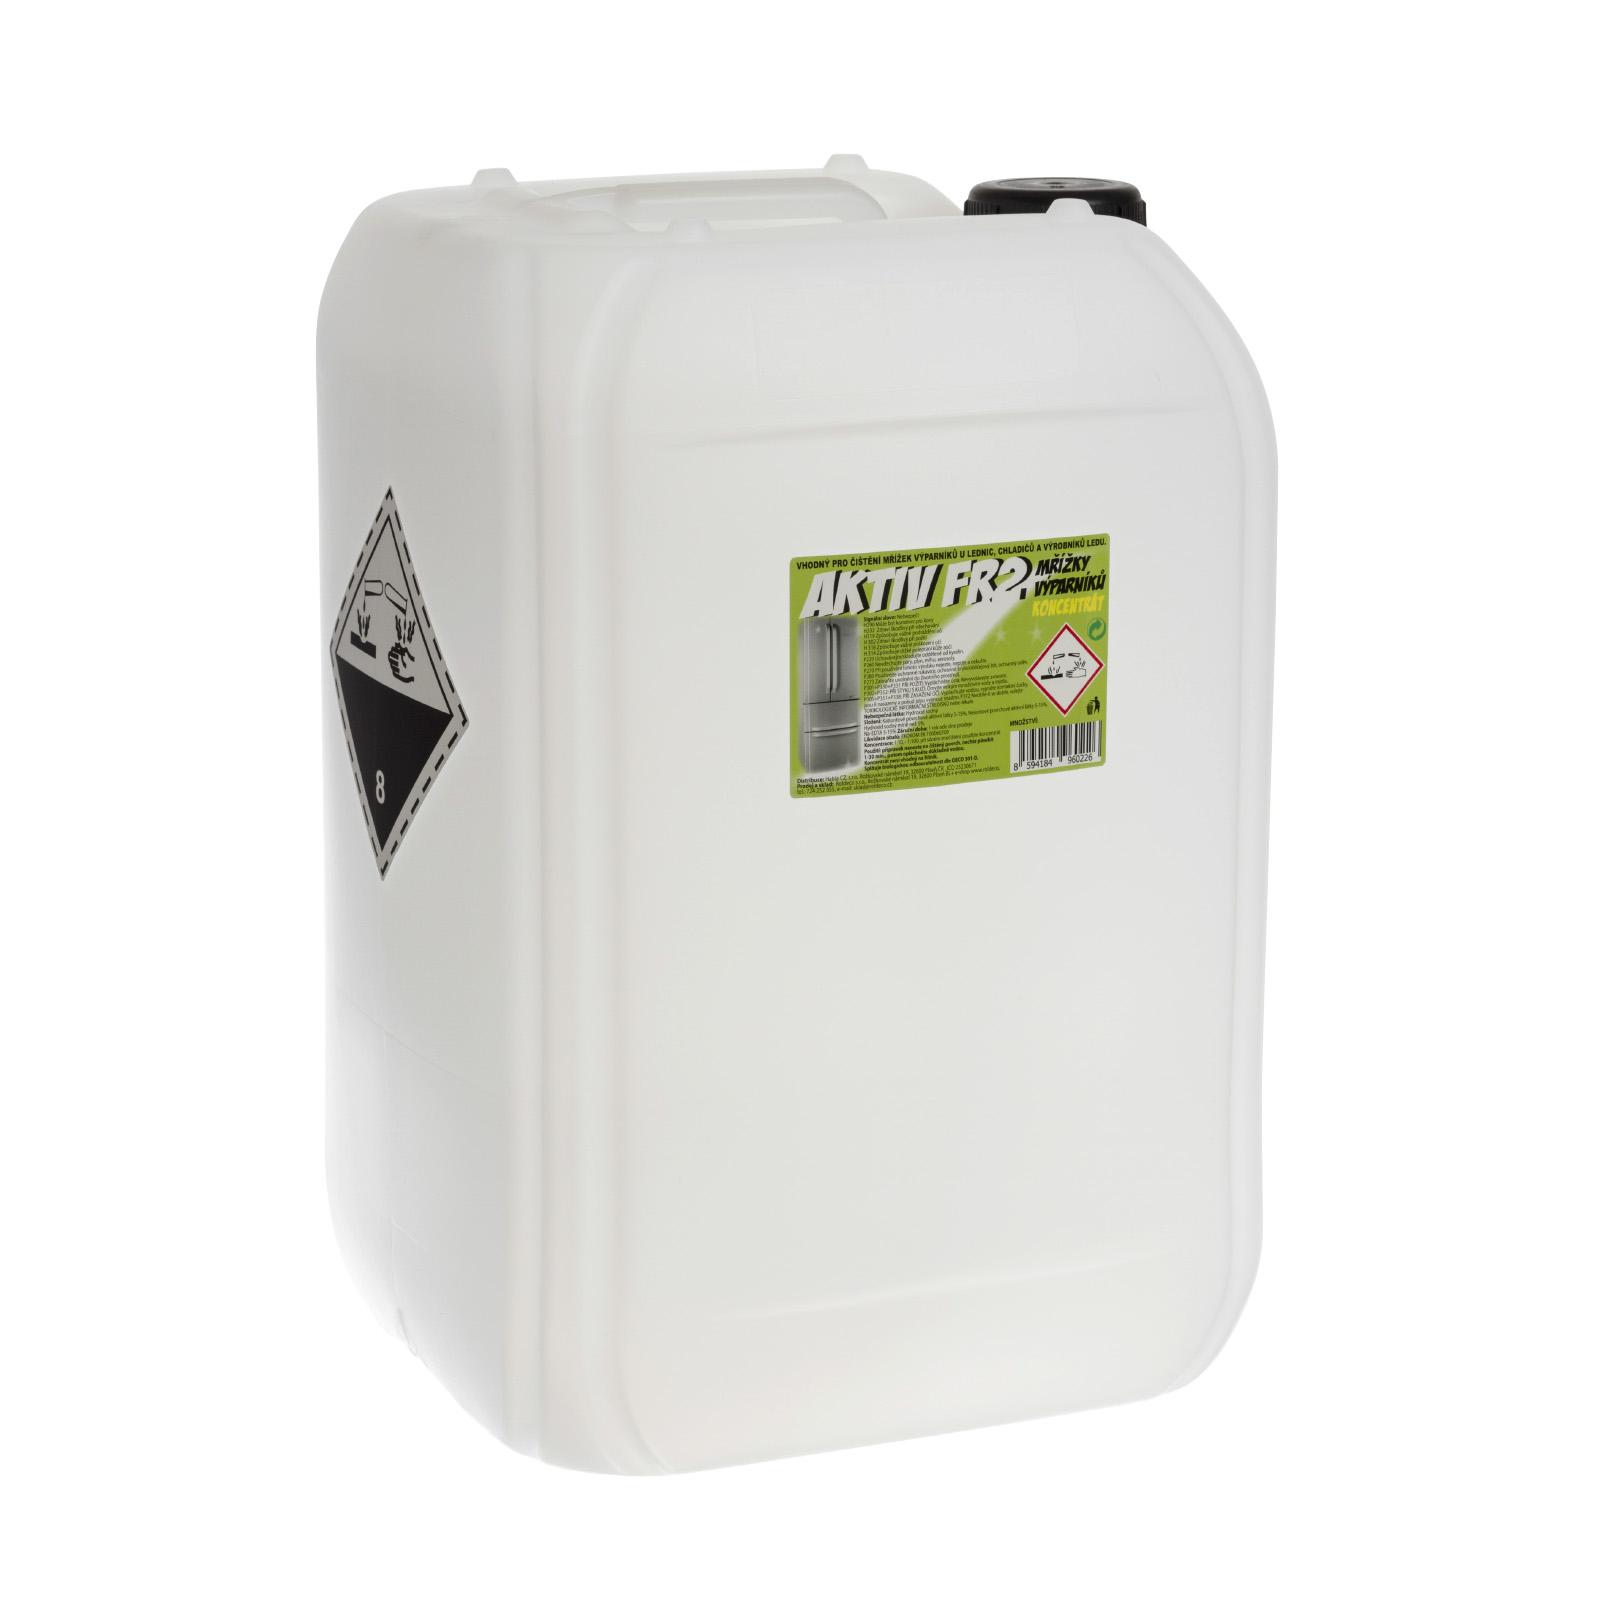 AKTIV FR2, balení 30 kg  (90 Kč/1kg)